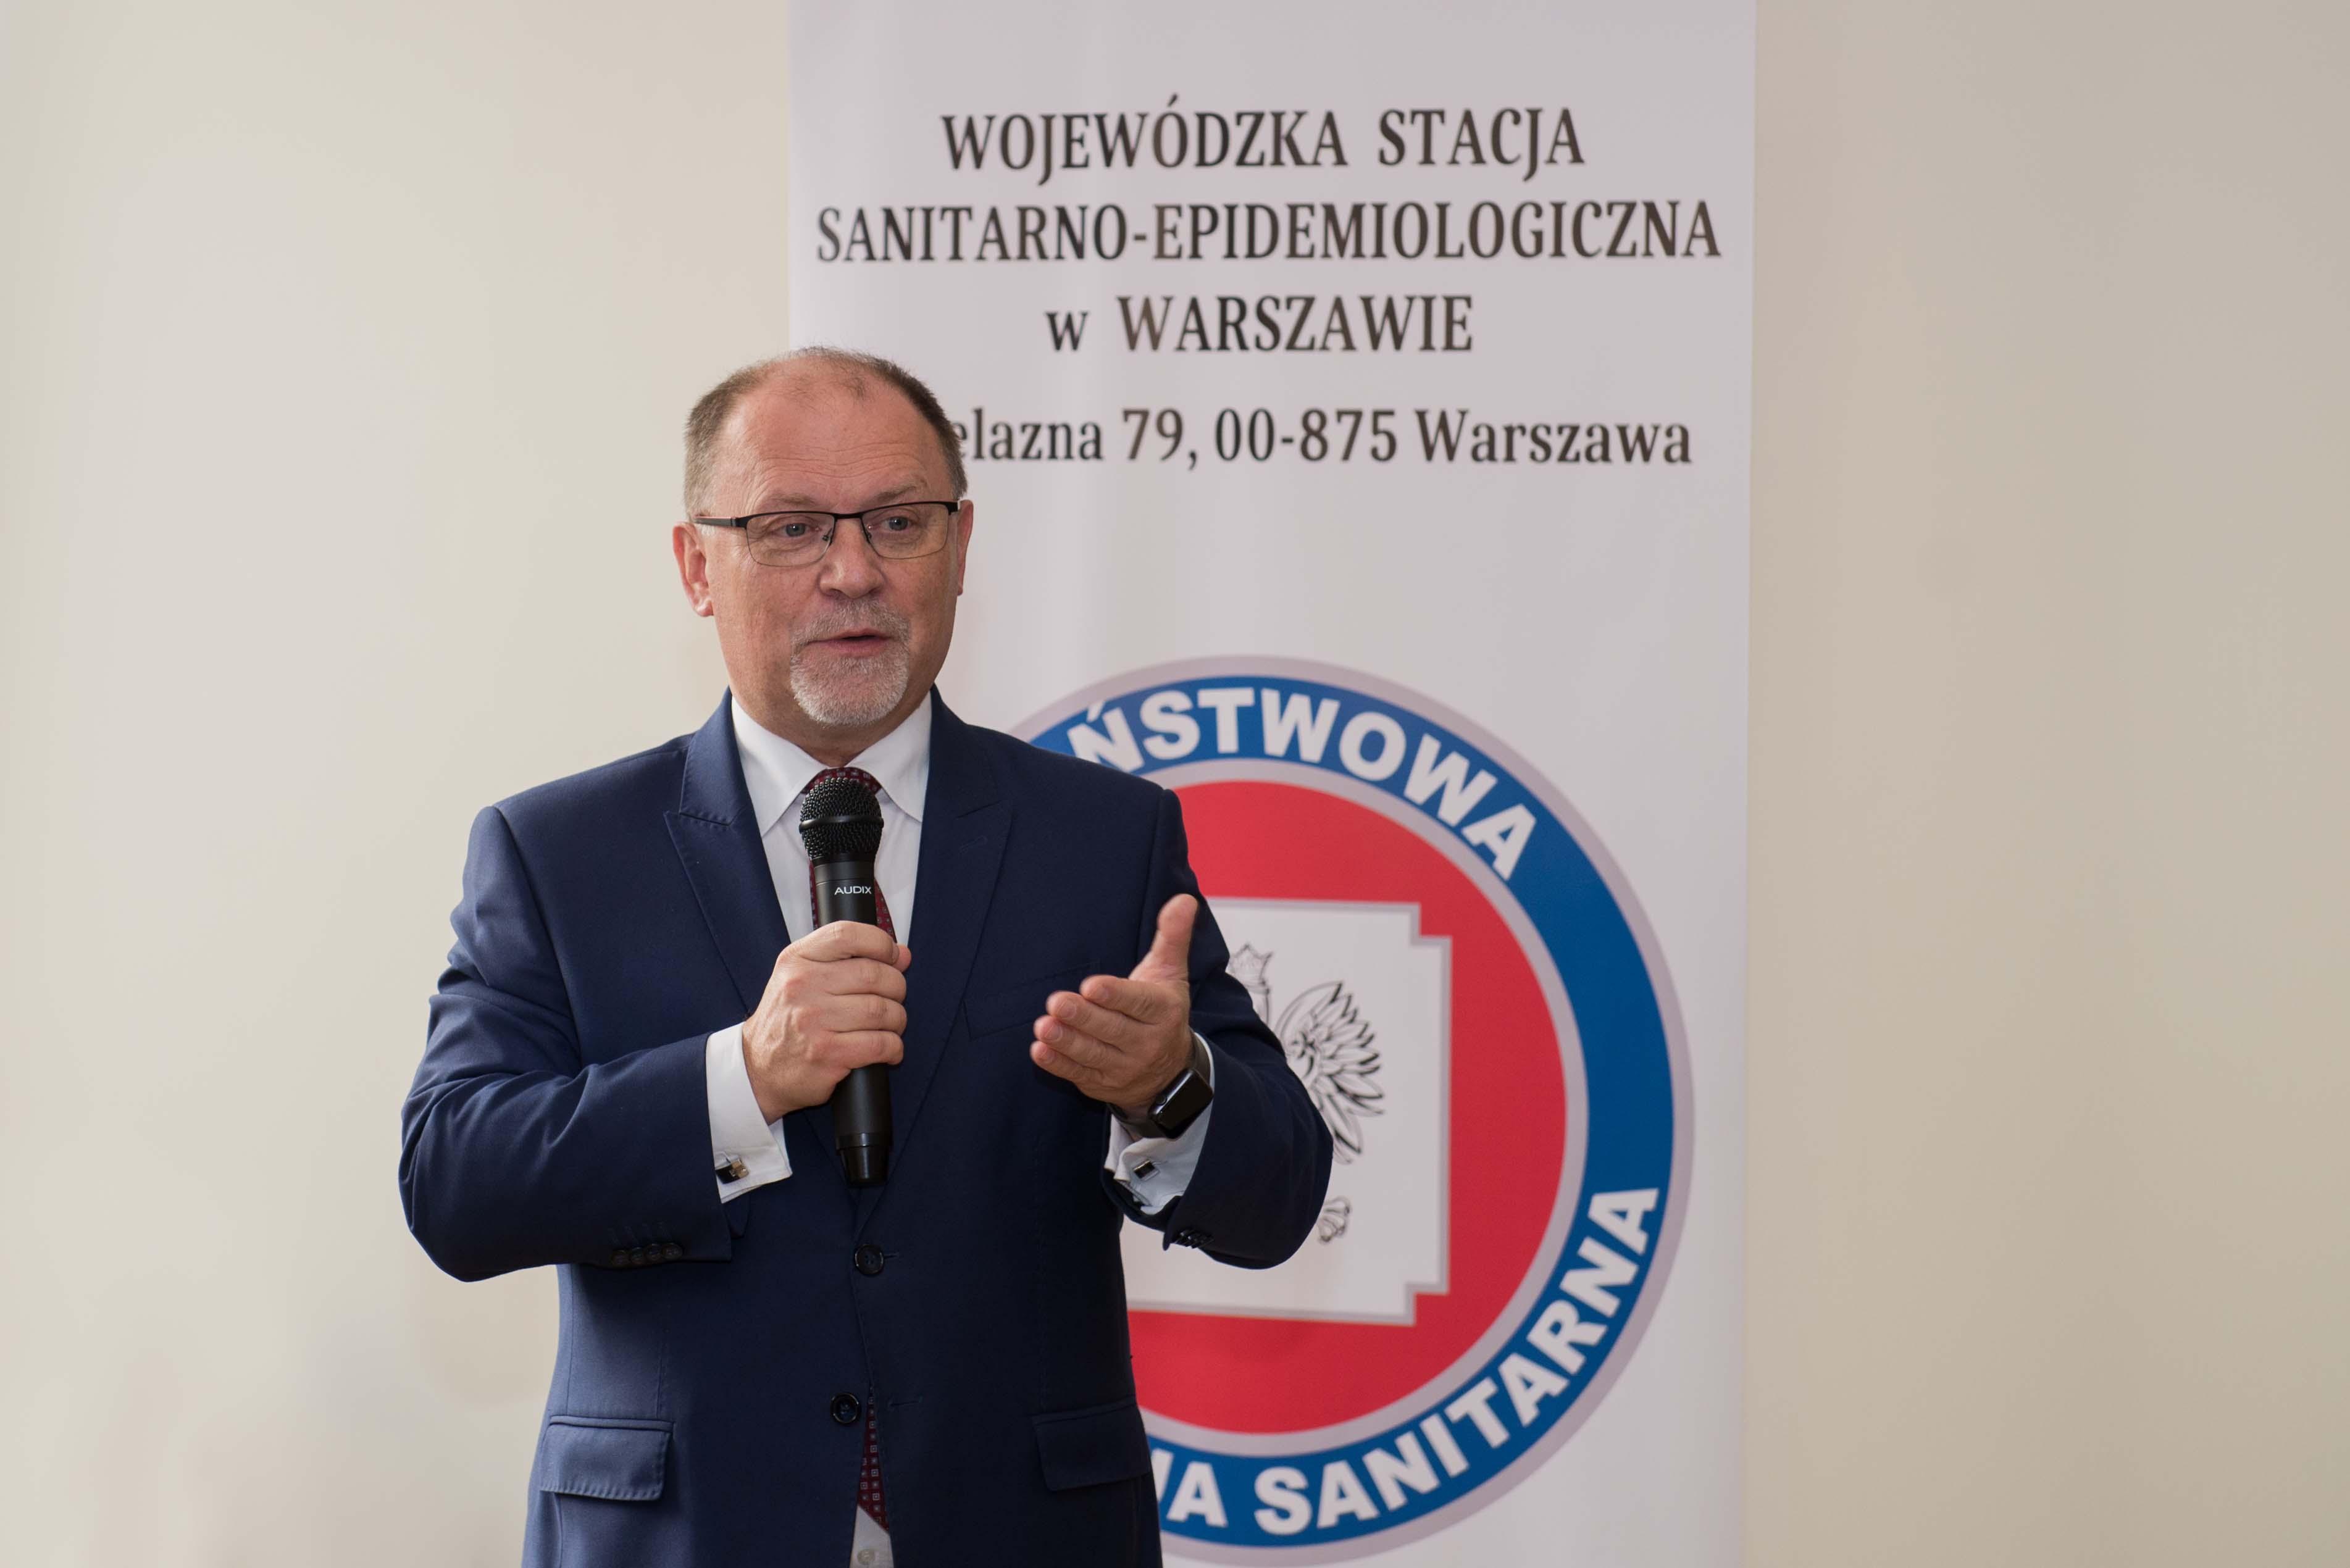 Konferencja jubileuszowa z okazji 100-lecia odzyskania niepodległości i 99-lecia służb sanitarnych w Polsce. Wojewoda Mazowiecki Zdzisław Sipiera zabiera glos.